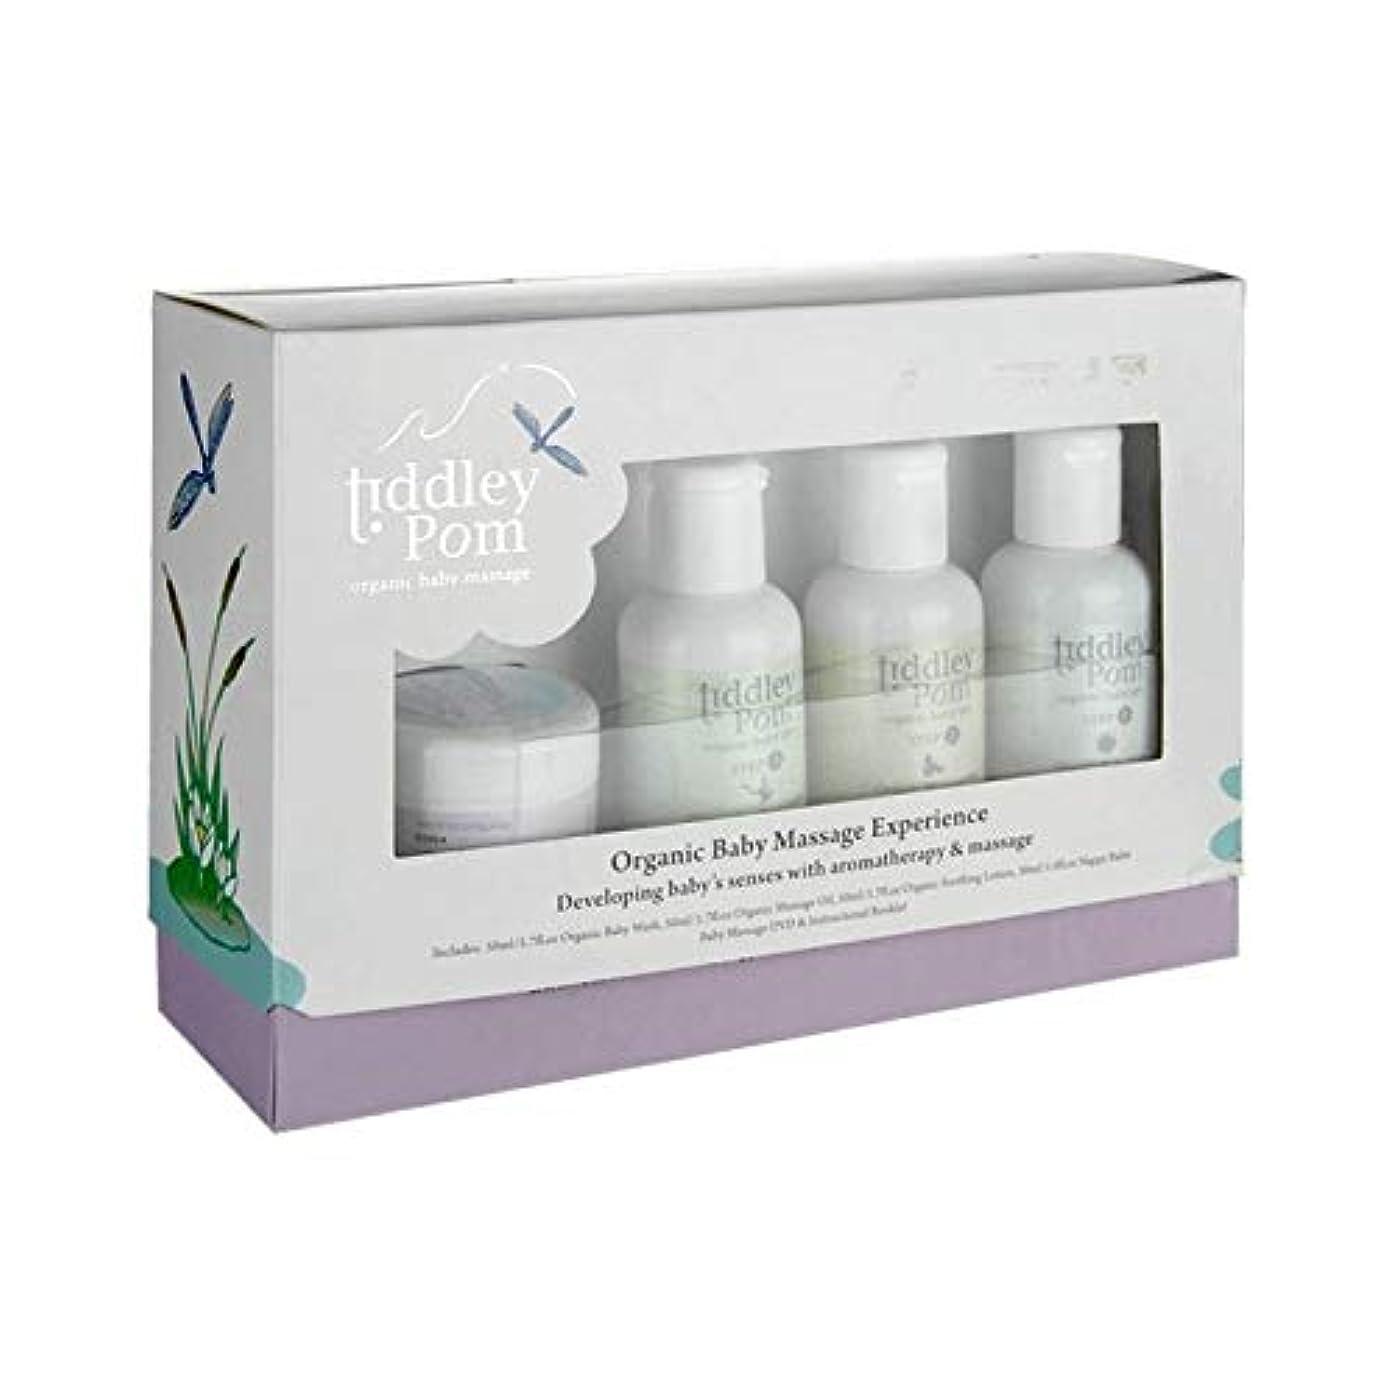 タイト動脈防腐剤[Tiddley Pom] Tiddleyポンポン有機ベビーマッサージのギフトセット - Tiddley Pom Organic Baby Massage Gift set [並行輸入品]